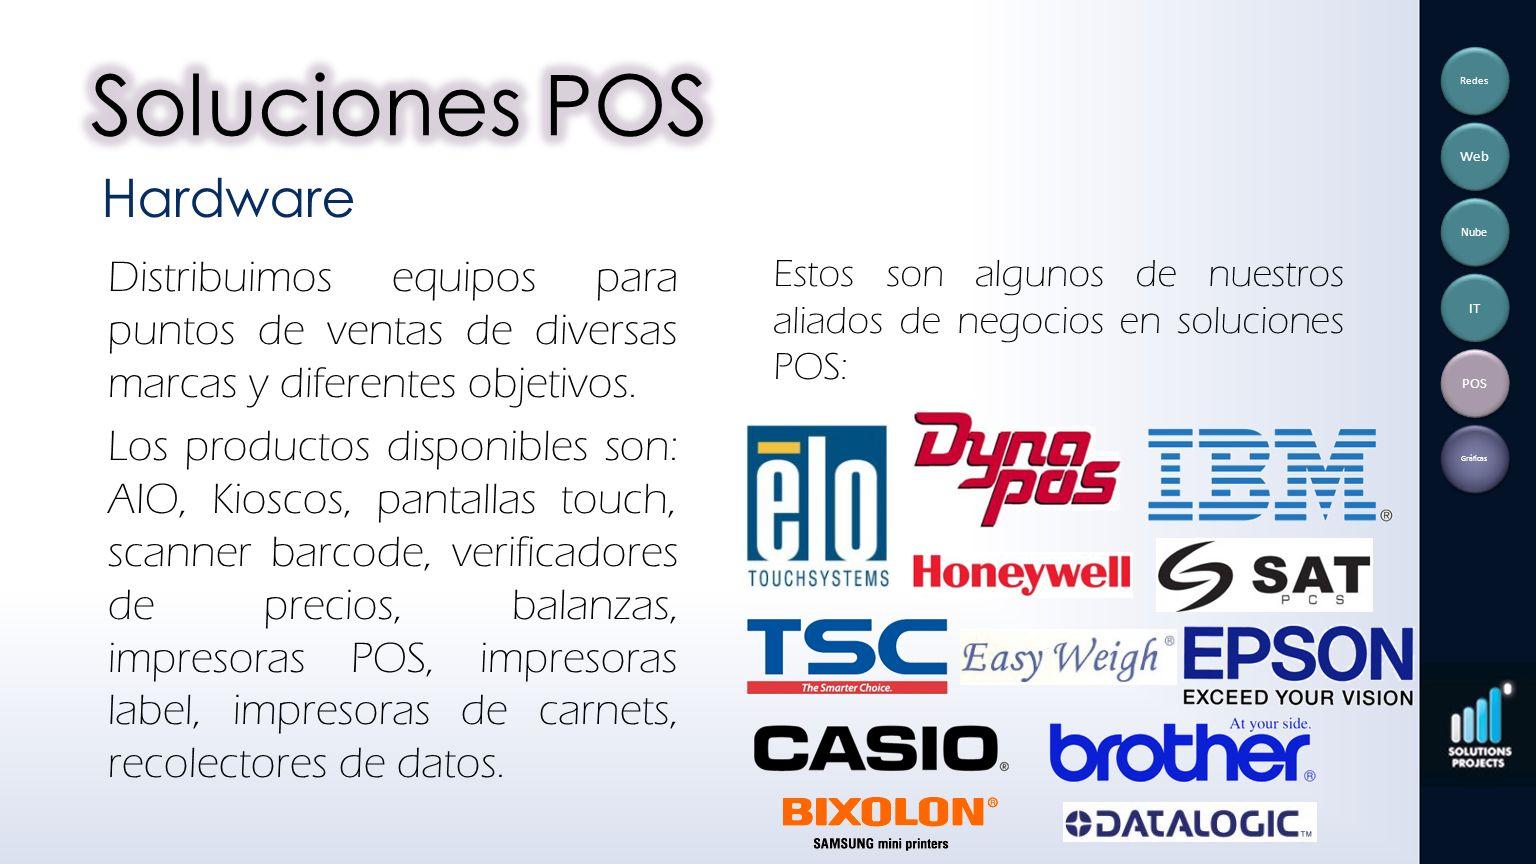 Distribuimos equipos para puntos de ventas de diversas marcas y diferentes objetivos. Los productos disponibles son: AIO, Kioscos, pantallas touch, sc